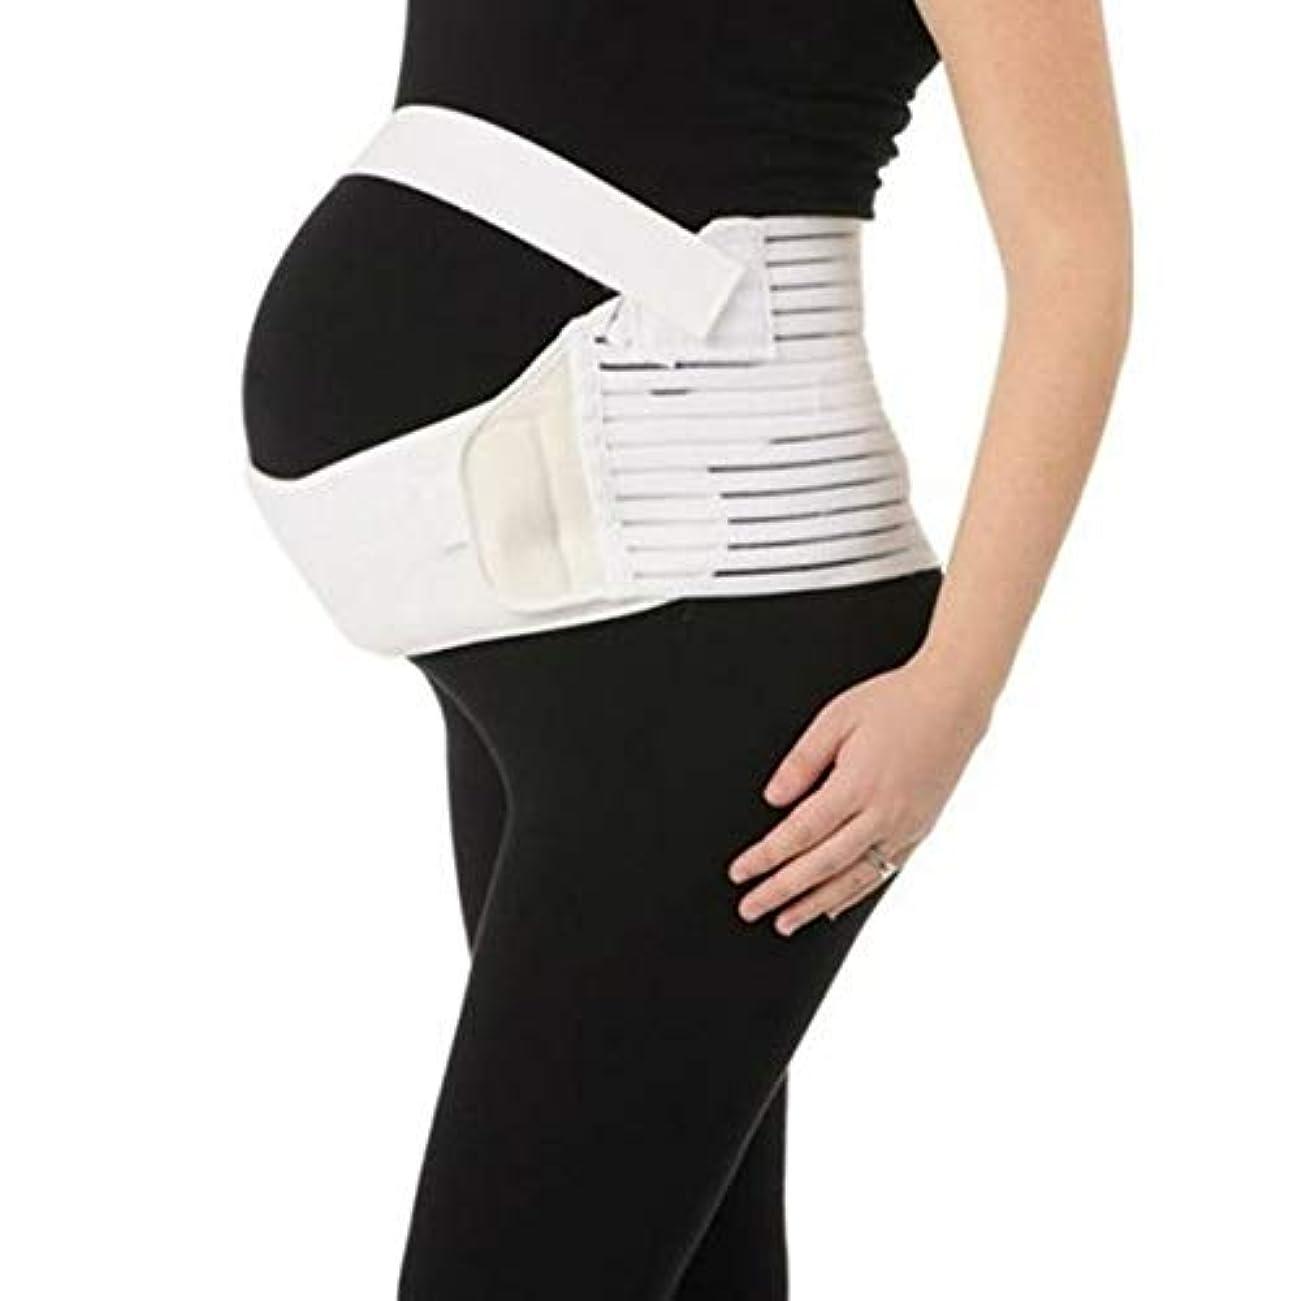 アカデミック砲兵ランデブー通気性産科ベルト妊娠腹部サポート腹部バインダーガードル運動包帯産後の回復形状ウェア - ホワイトM